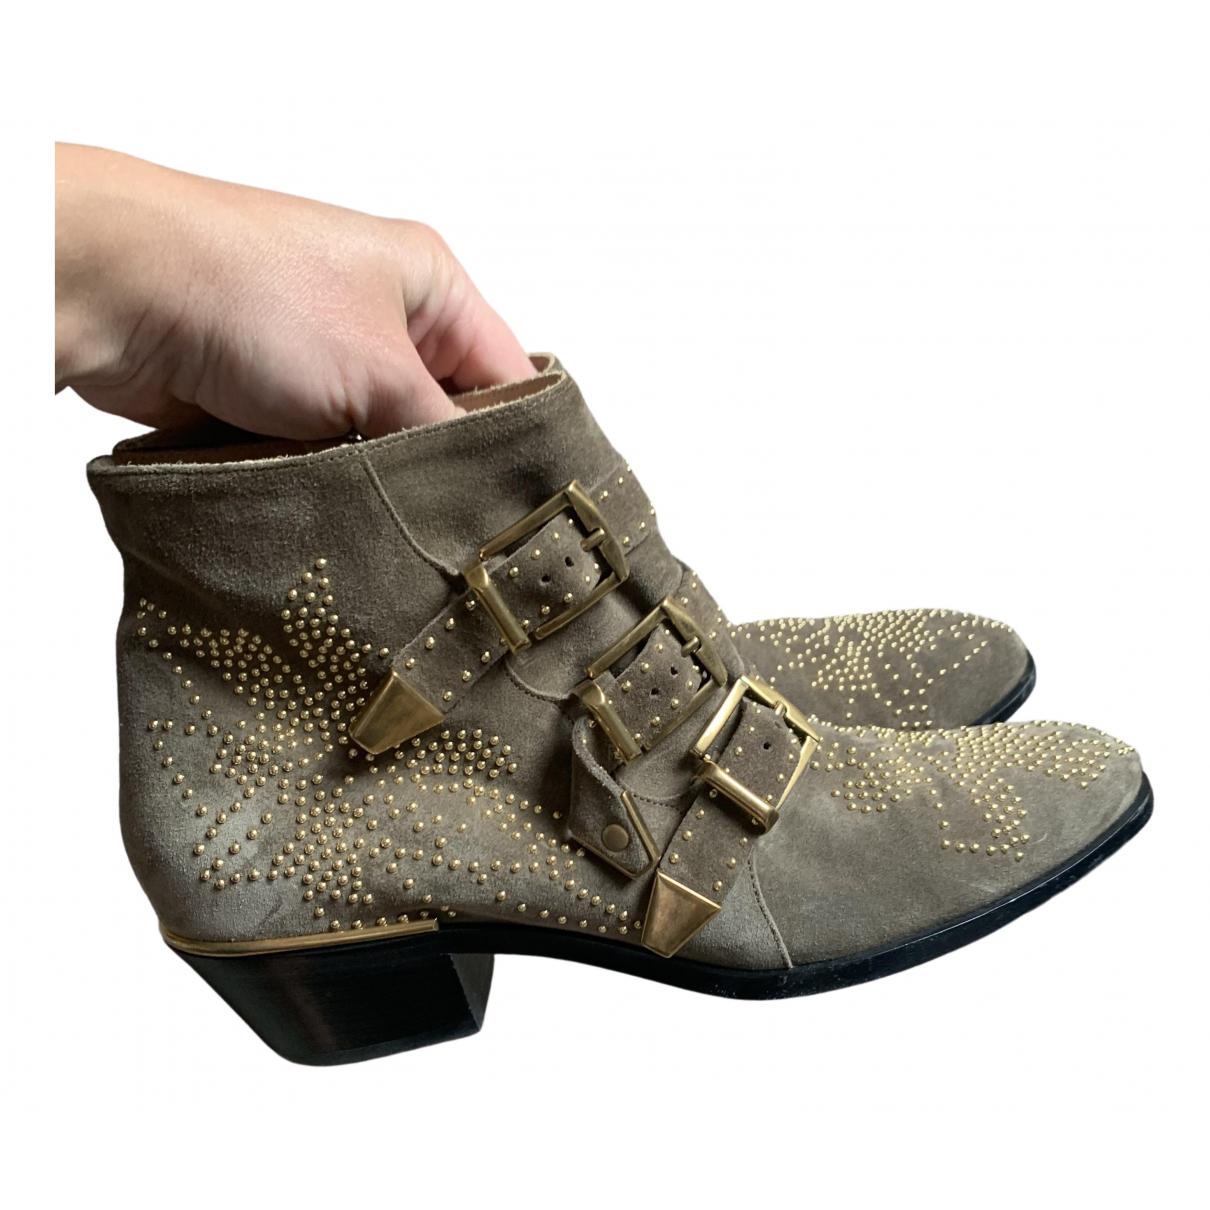 Chloé Susanna Beige Suede Ankle boots for Women 38.5 EU